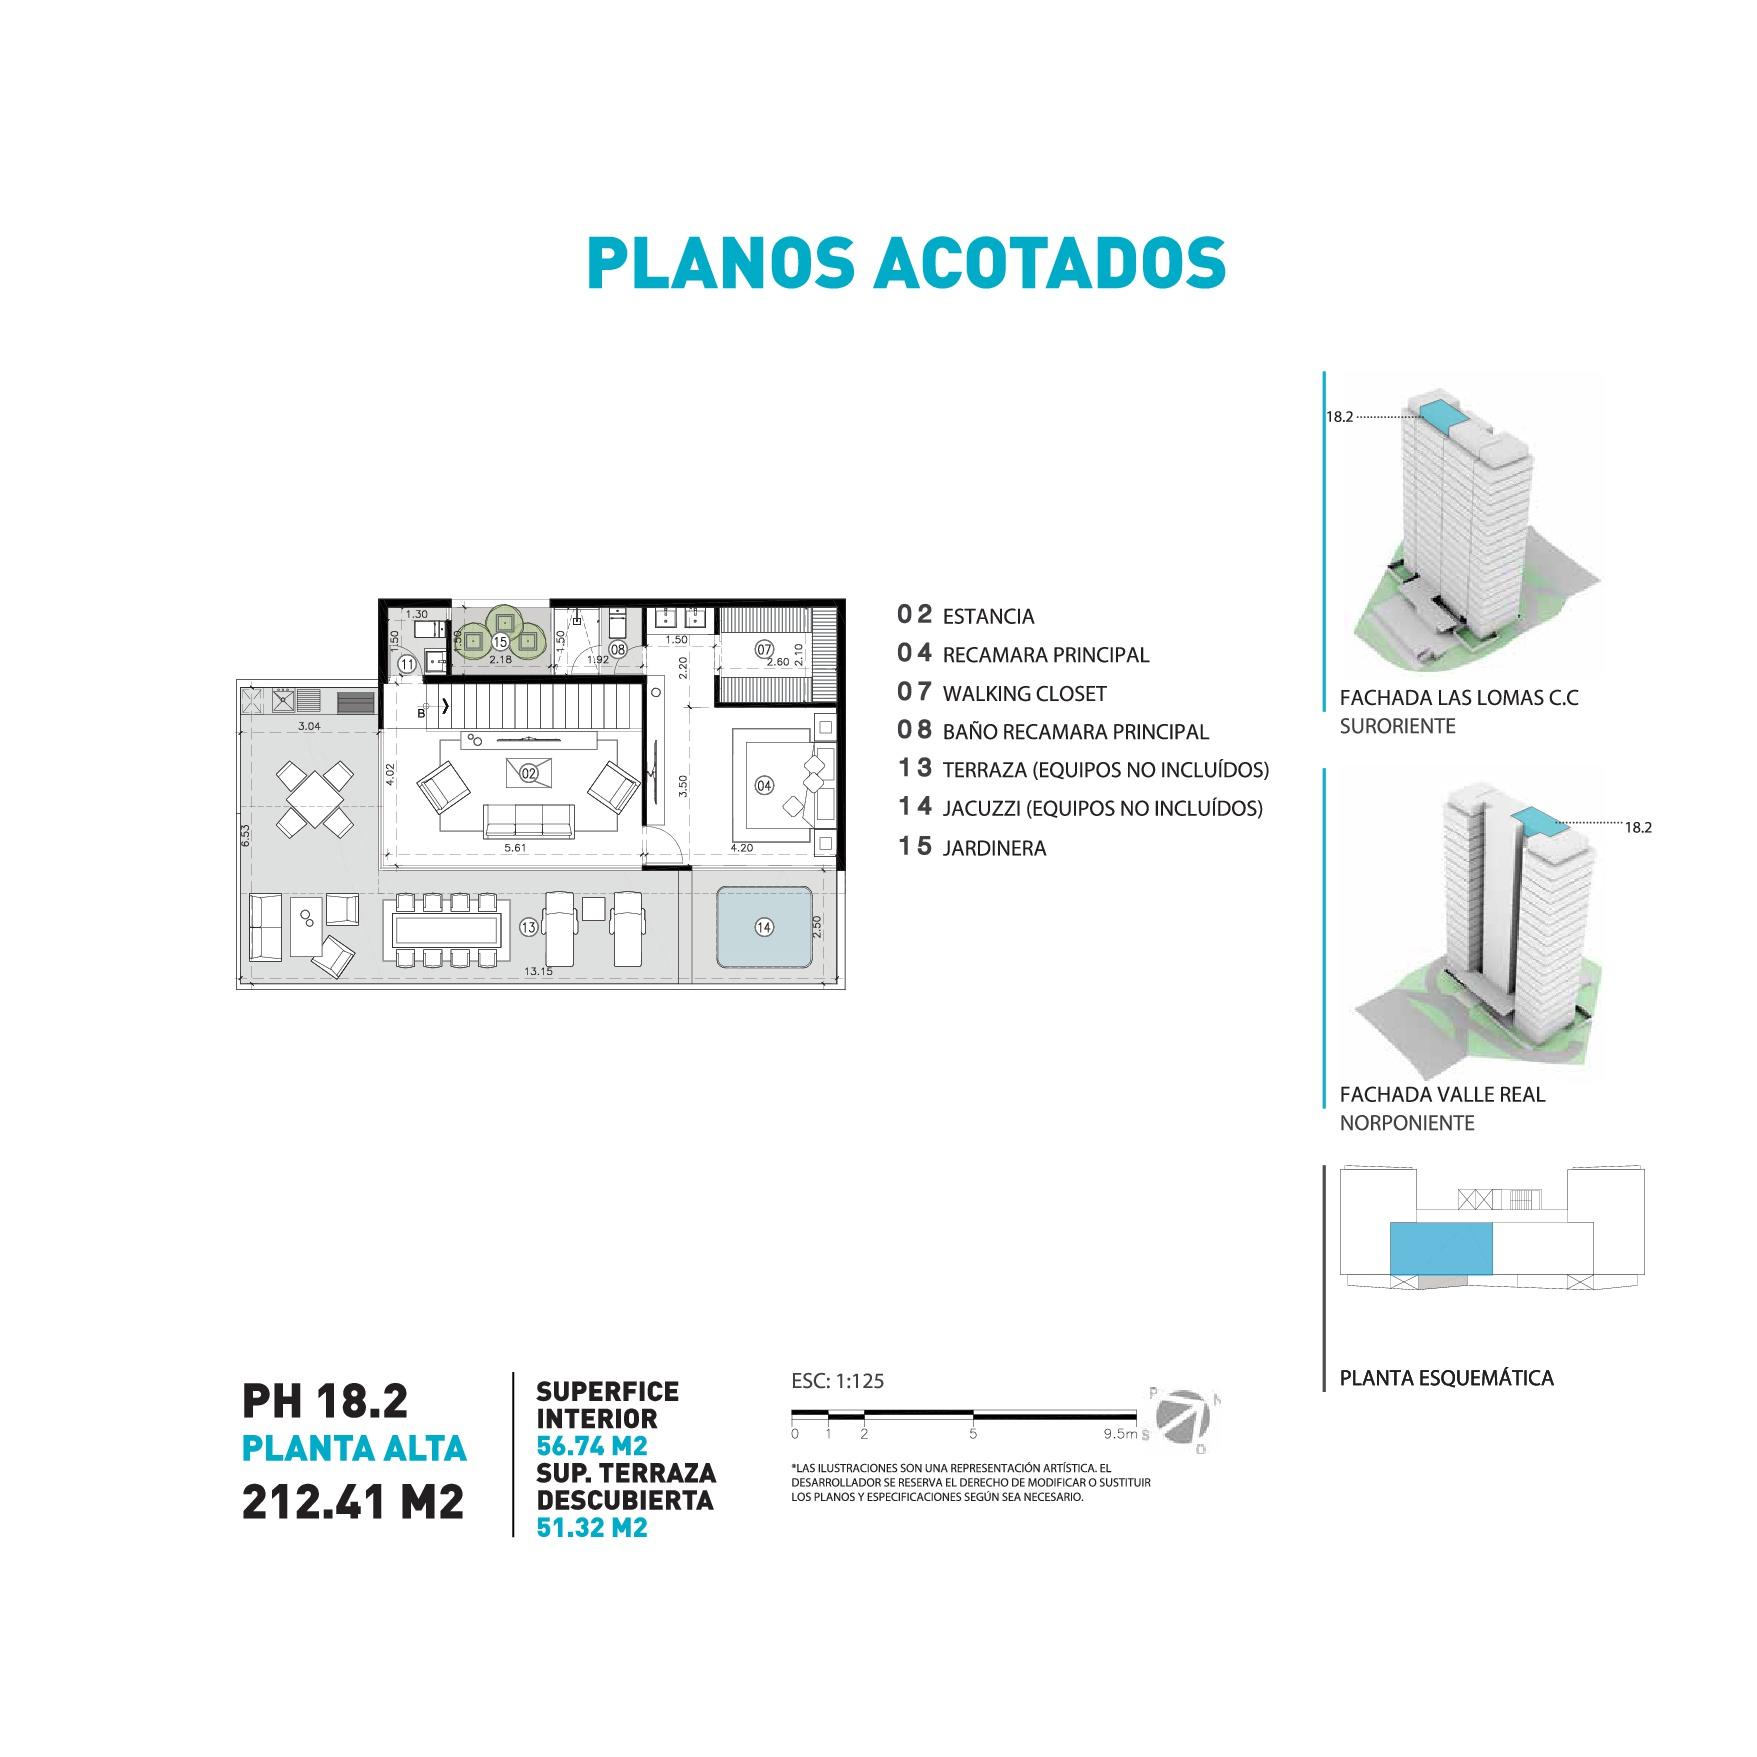 ADANA_043.jpg